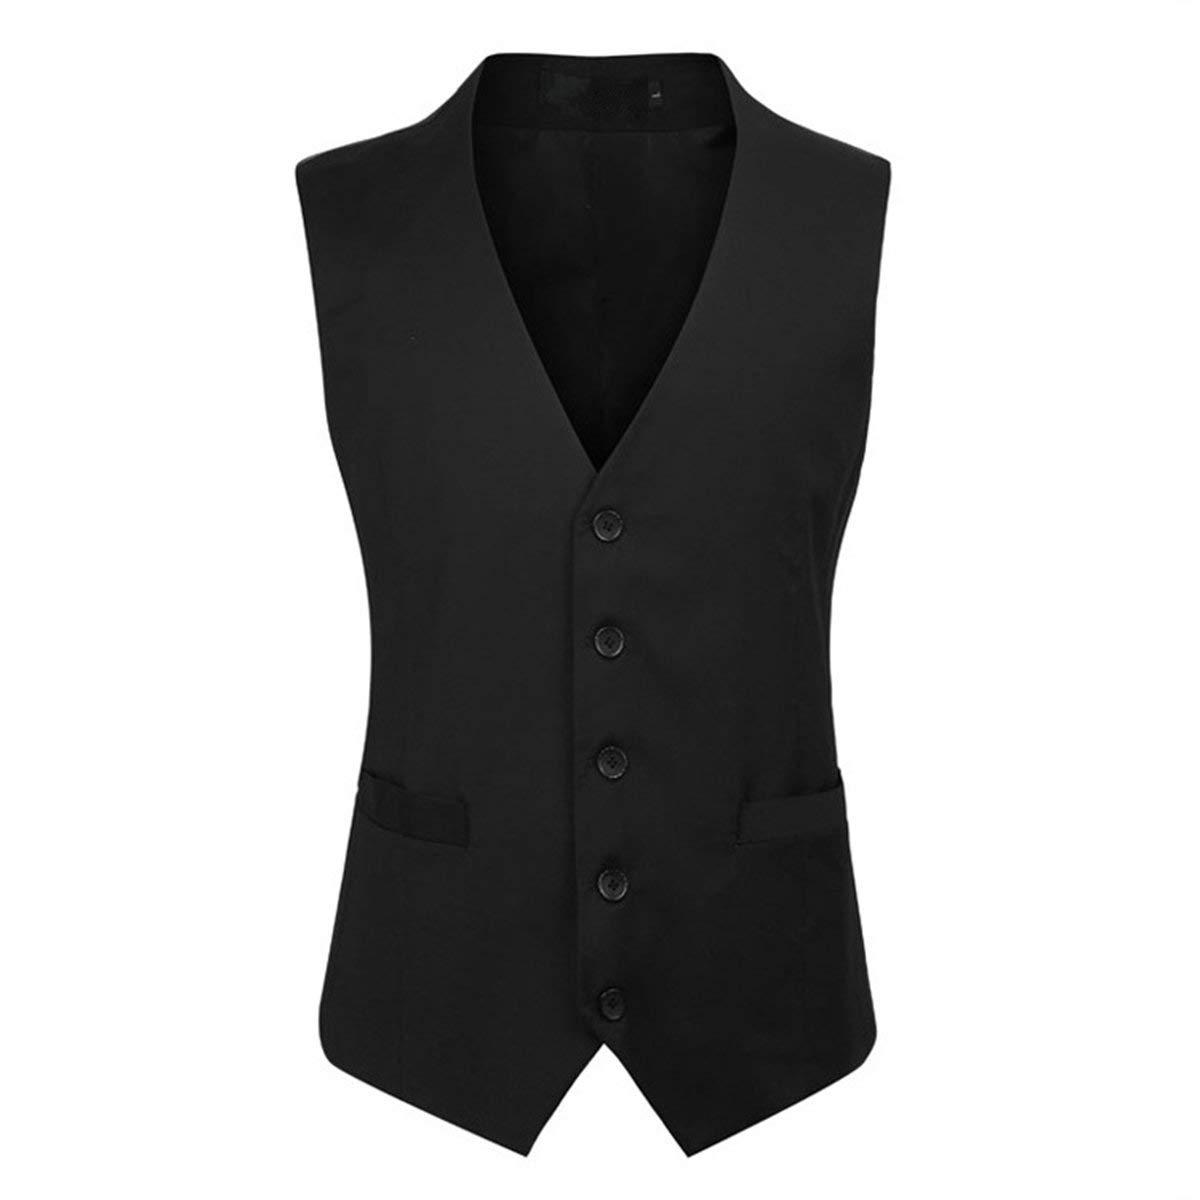 Cheap Formal Collarless Shirt Find Formal Collarless Shirt Deals On